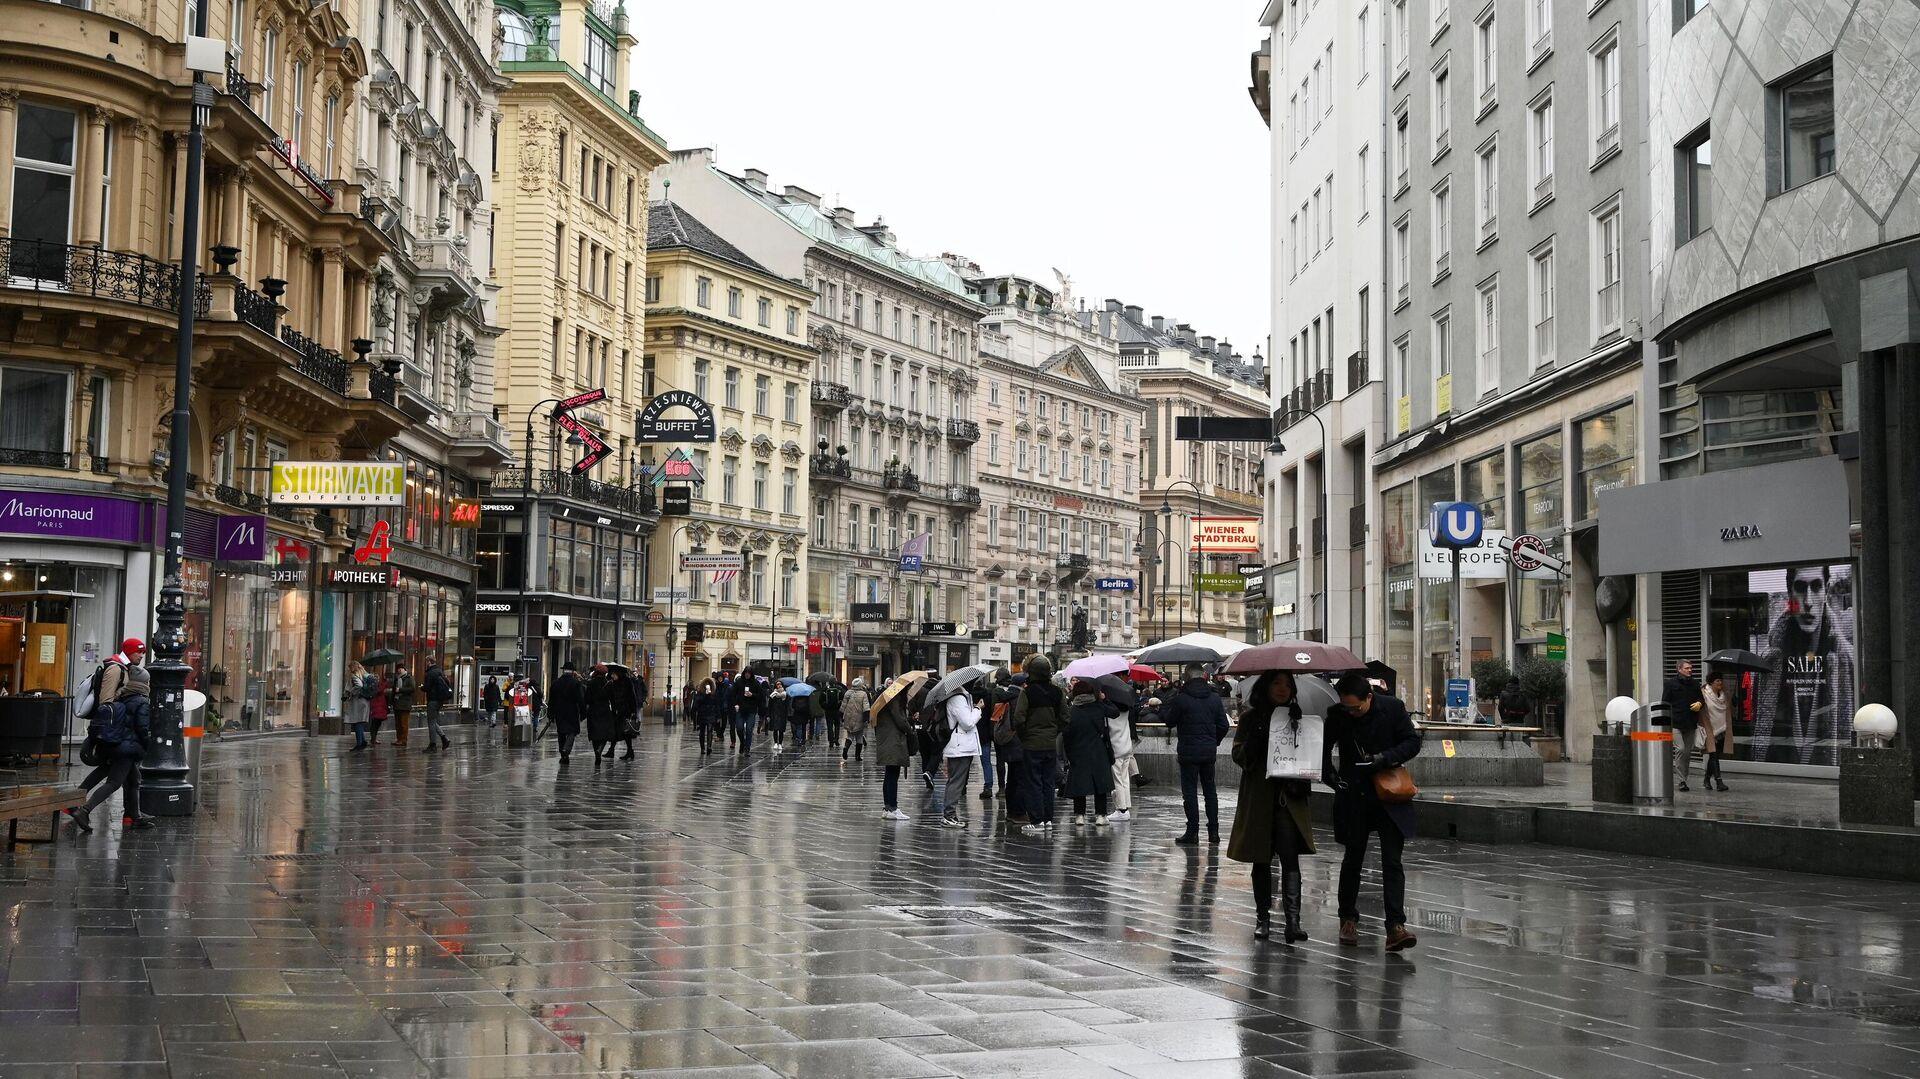 Прохожие на улице Кертнерштрассе в Вене - РИА Новости, 1920, 17.07.2021